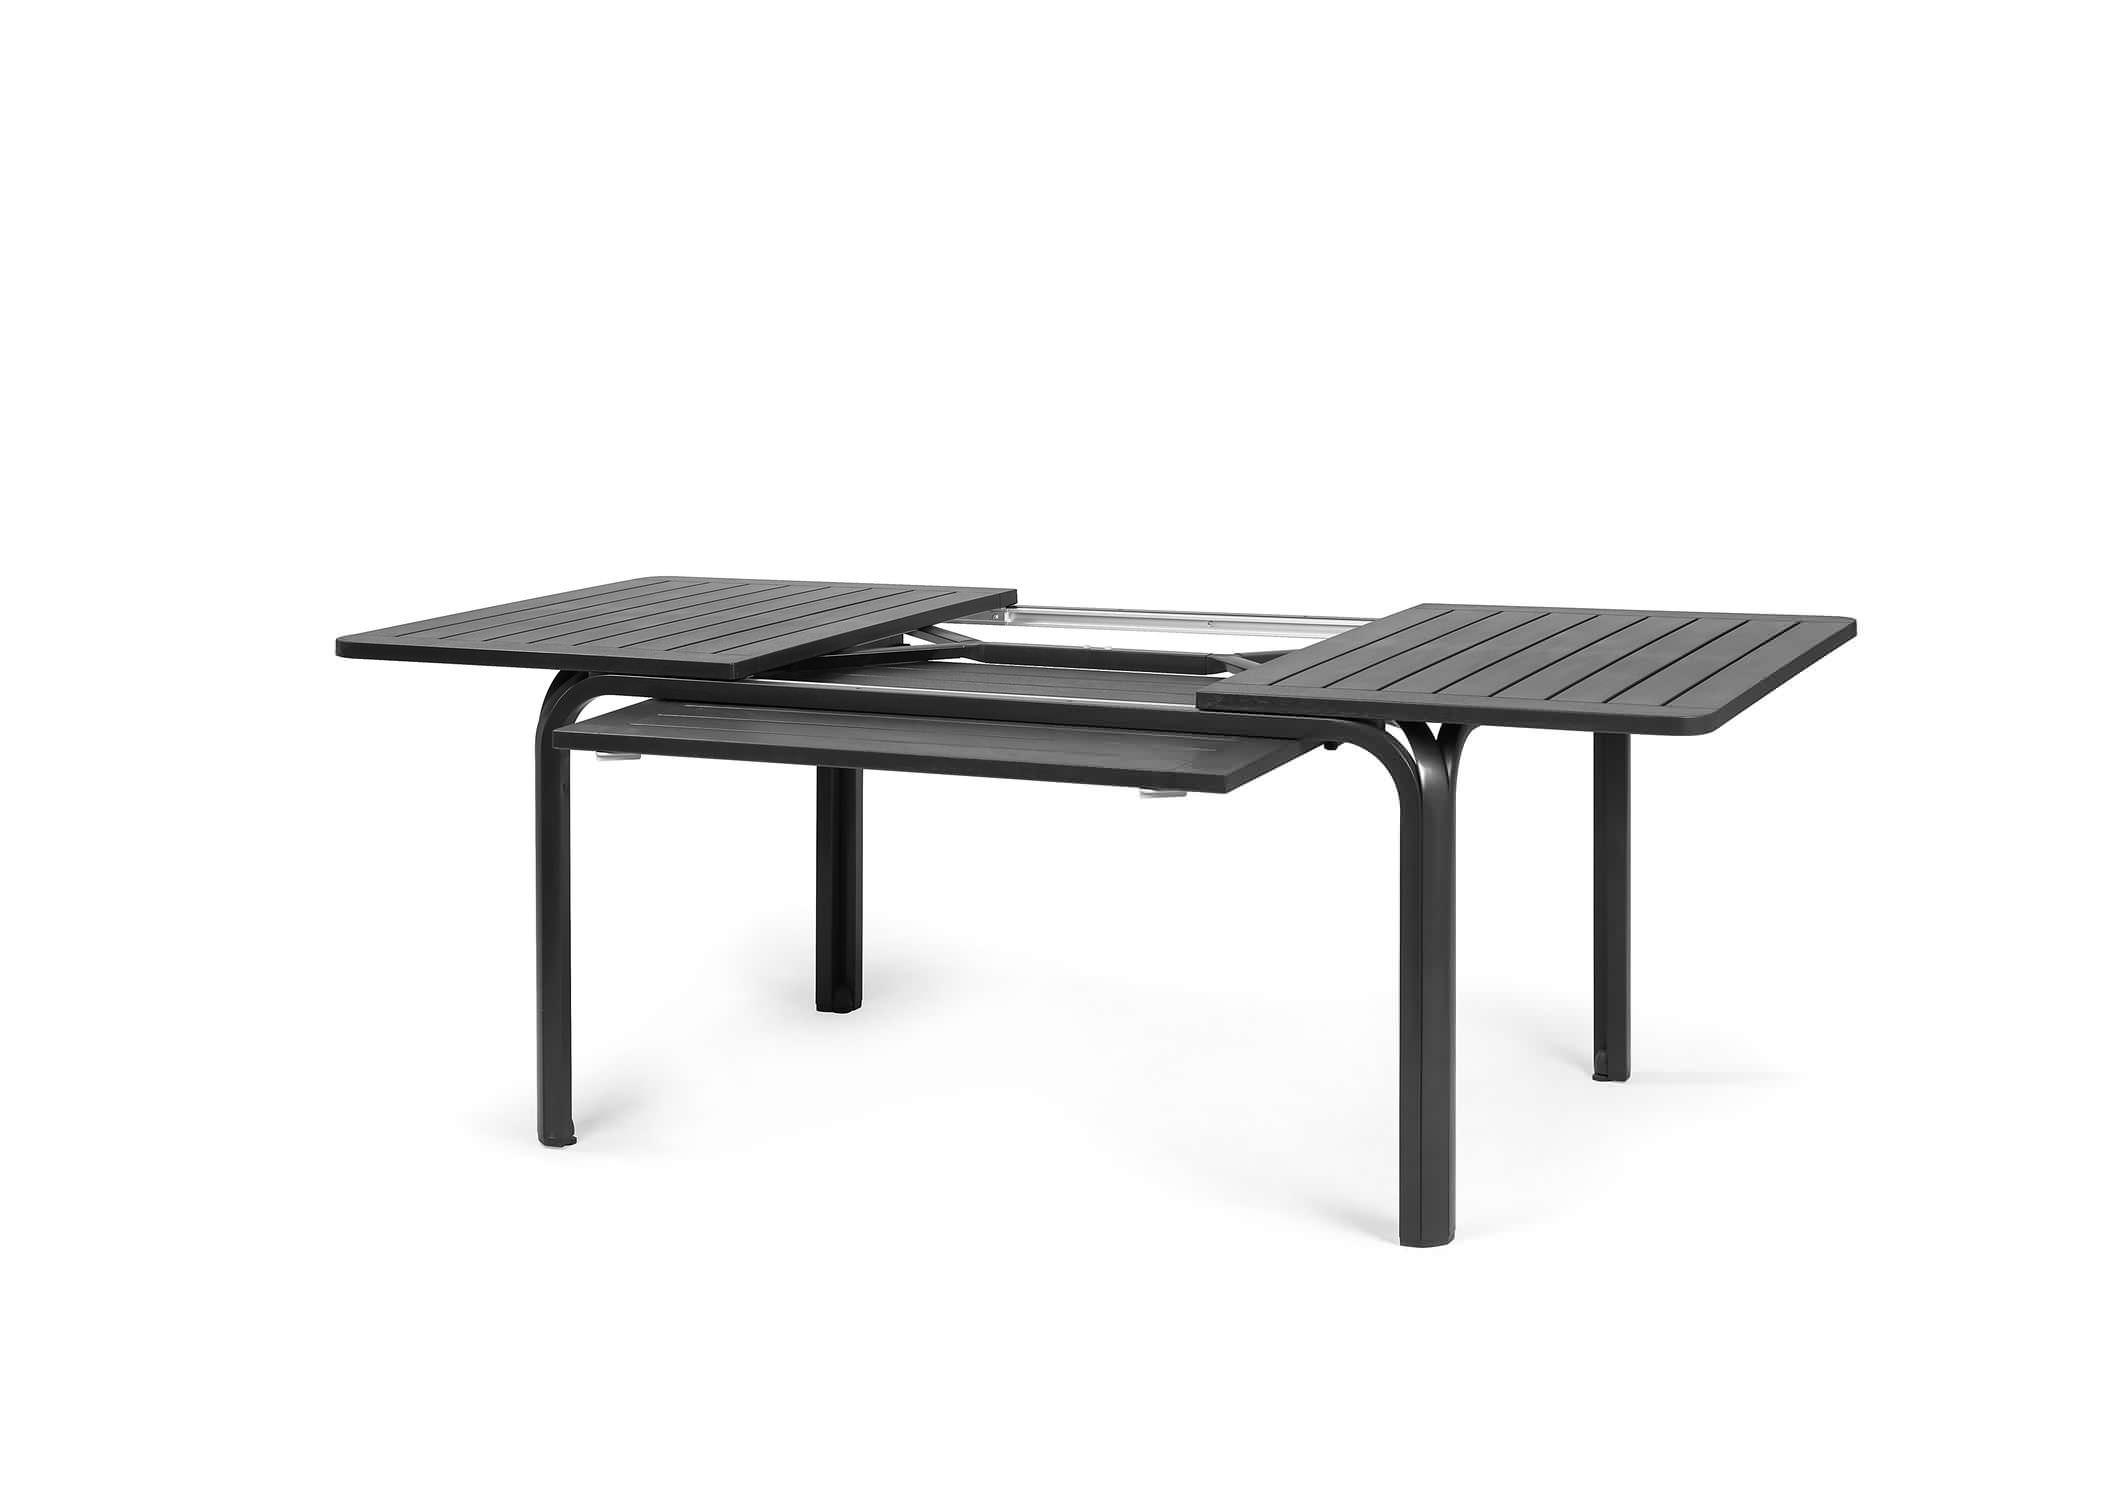 Table De Jardin Bois Pas Cher Table De Jardin Extensible Pas ... dedans Table De Jardin Extensible Pas Cher